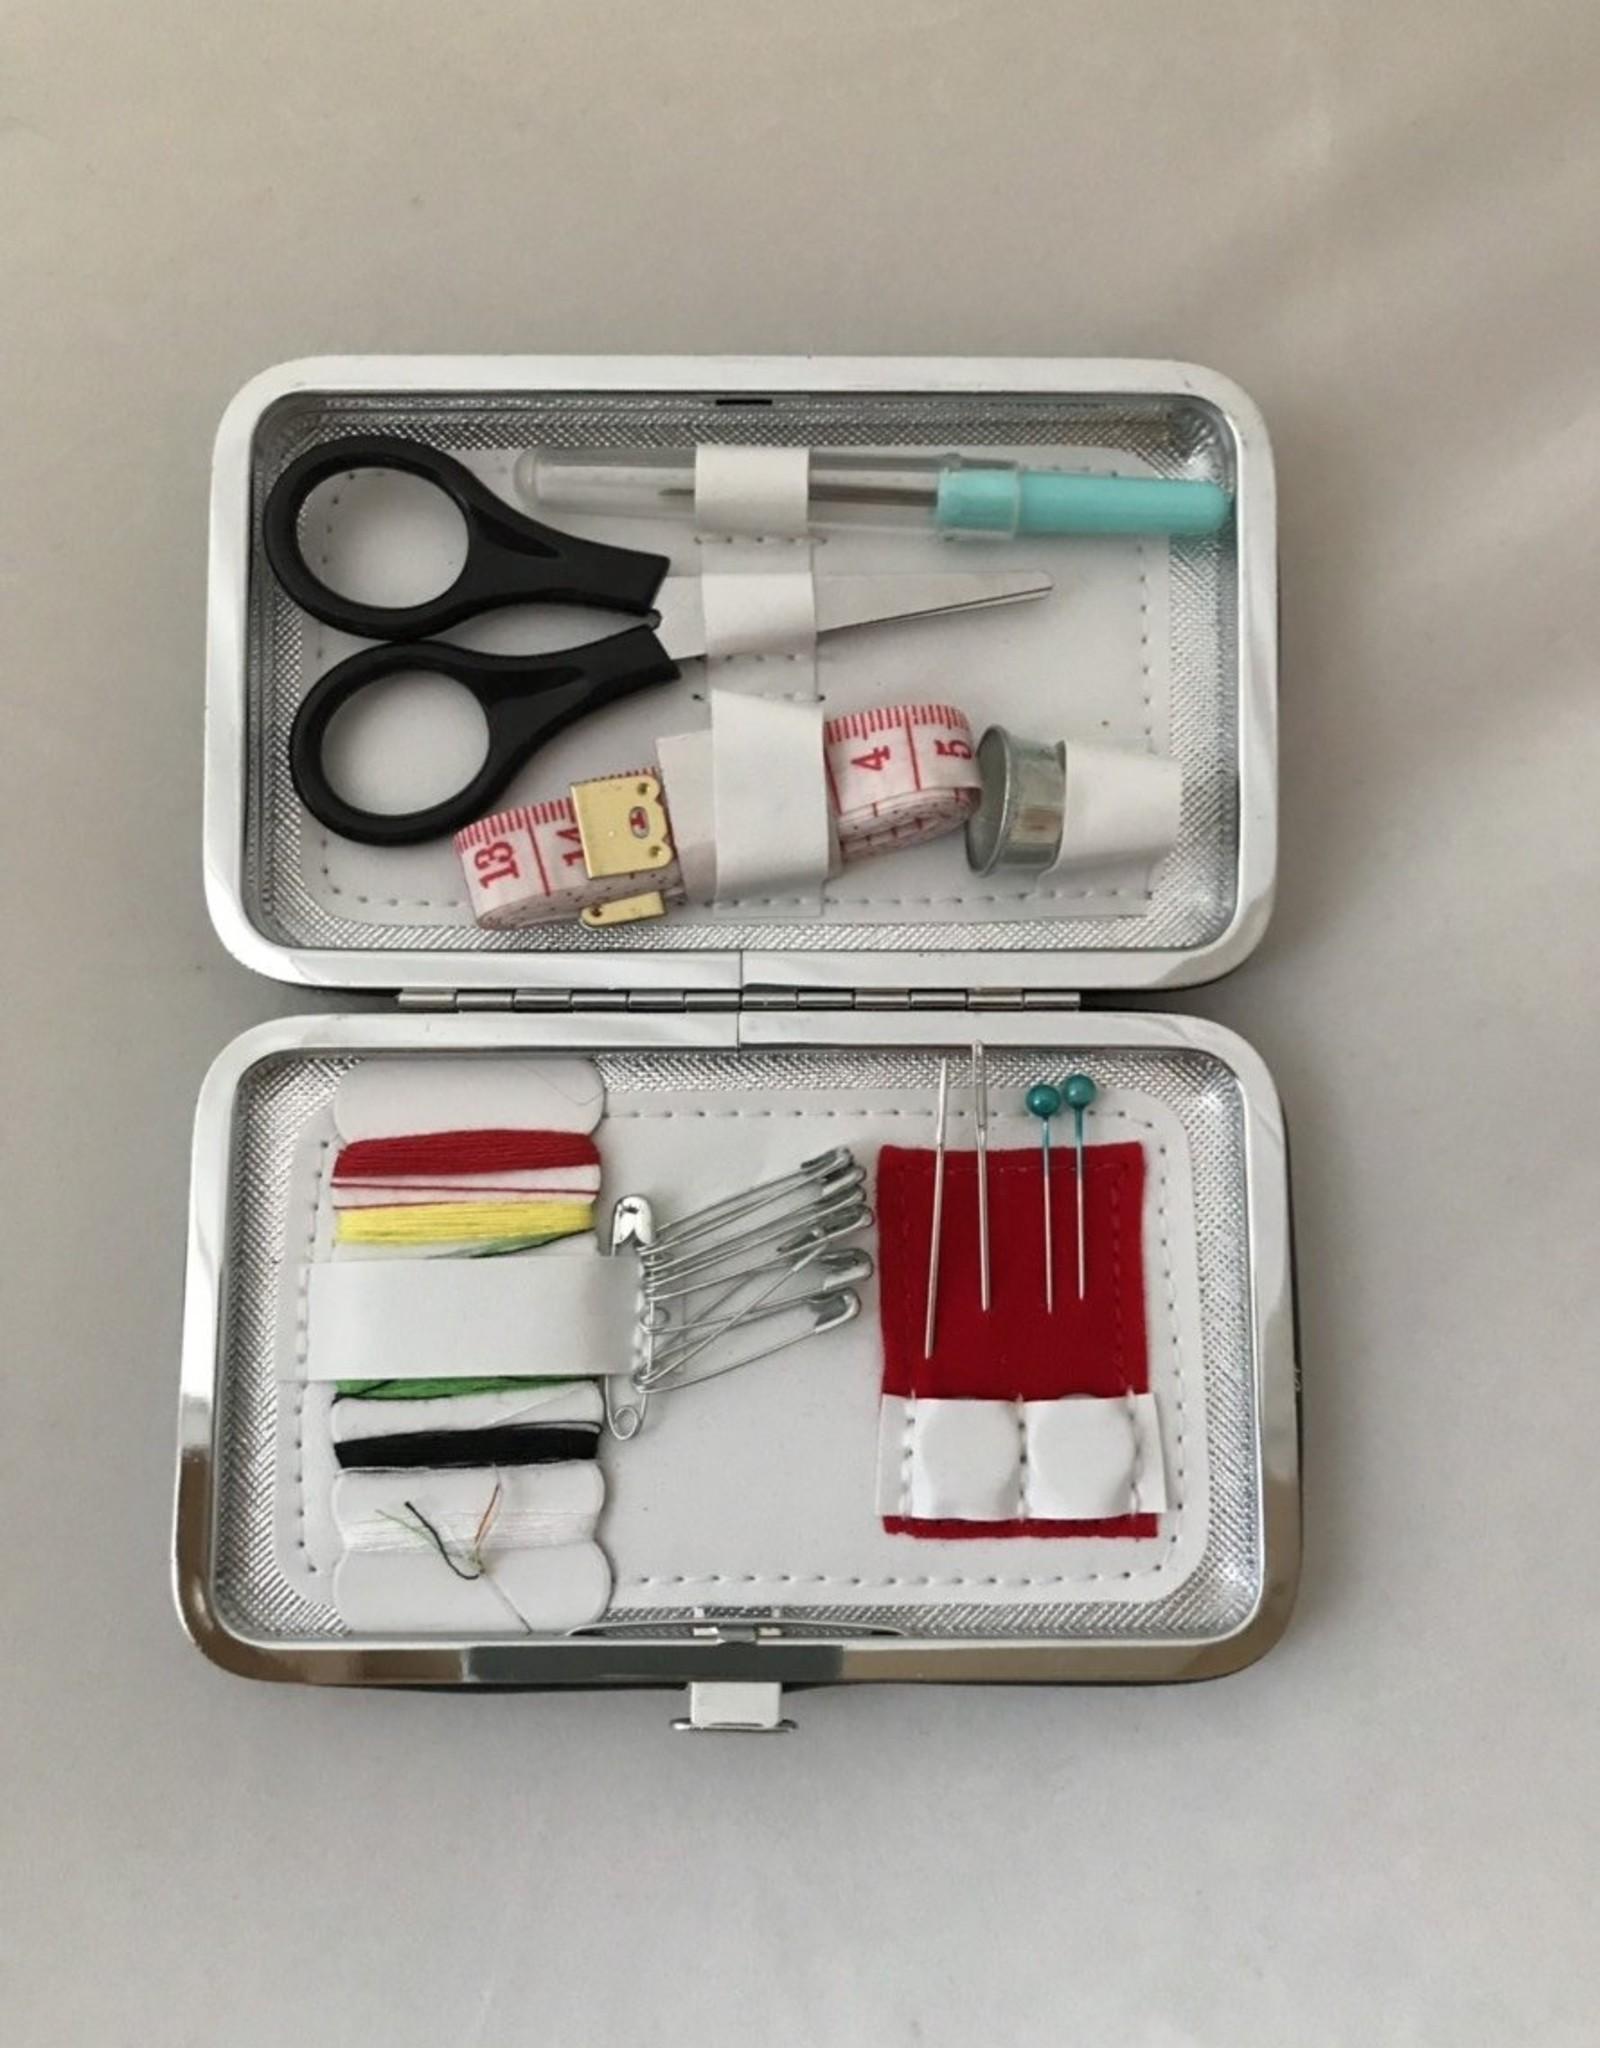 Glam'r Gear Glam'r Gear Pocket Sewing Kit